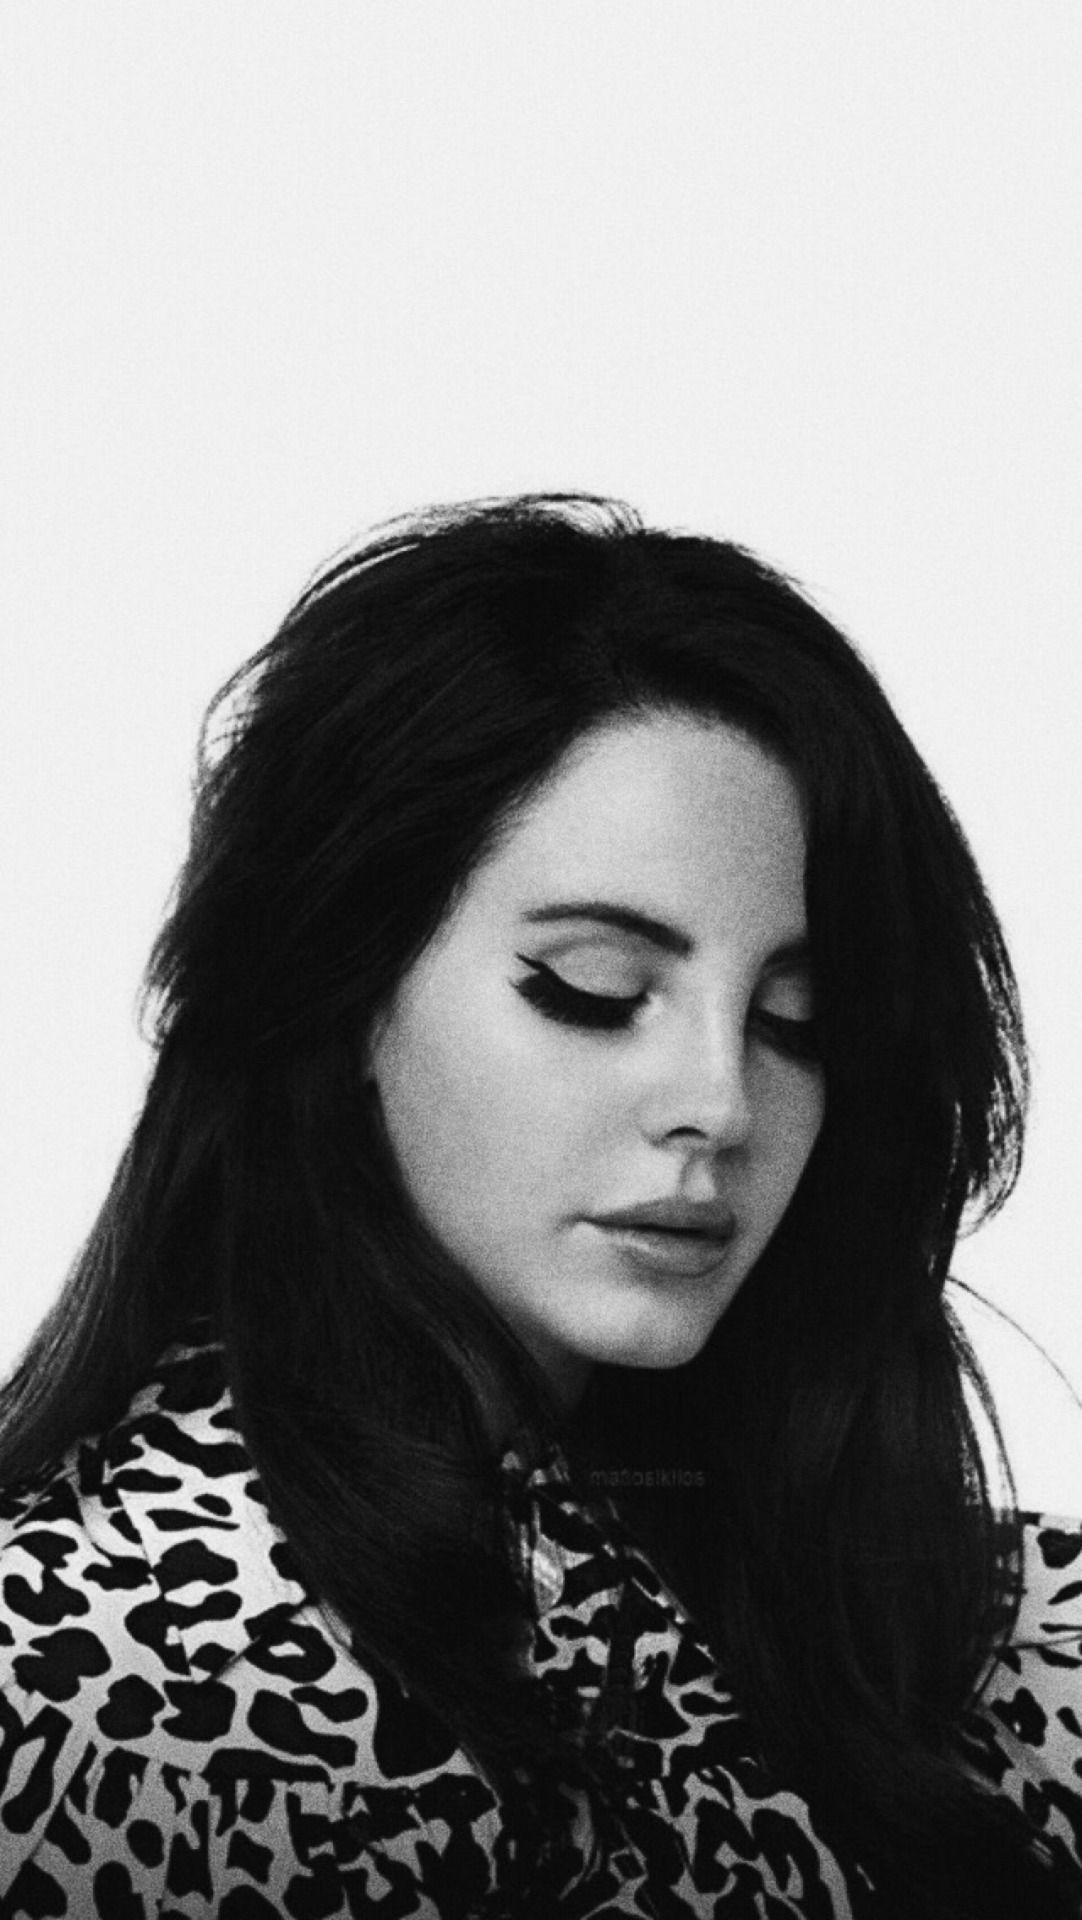 With Images Lana Del Rey Lana Del Lana Del Rey Ride